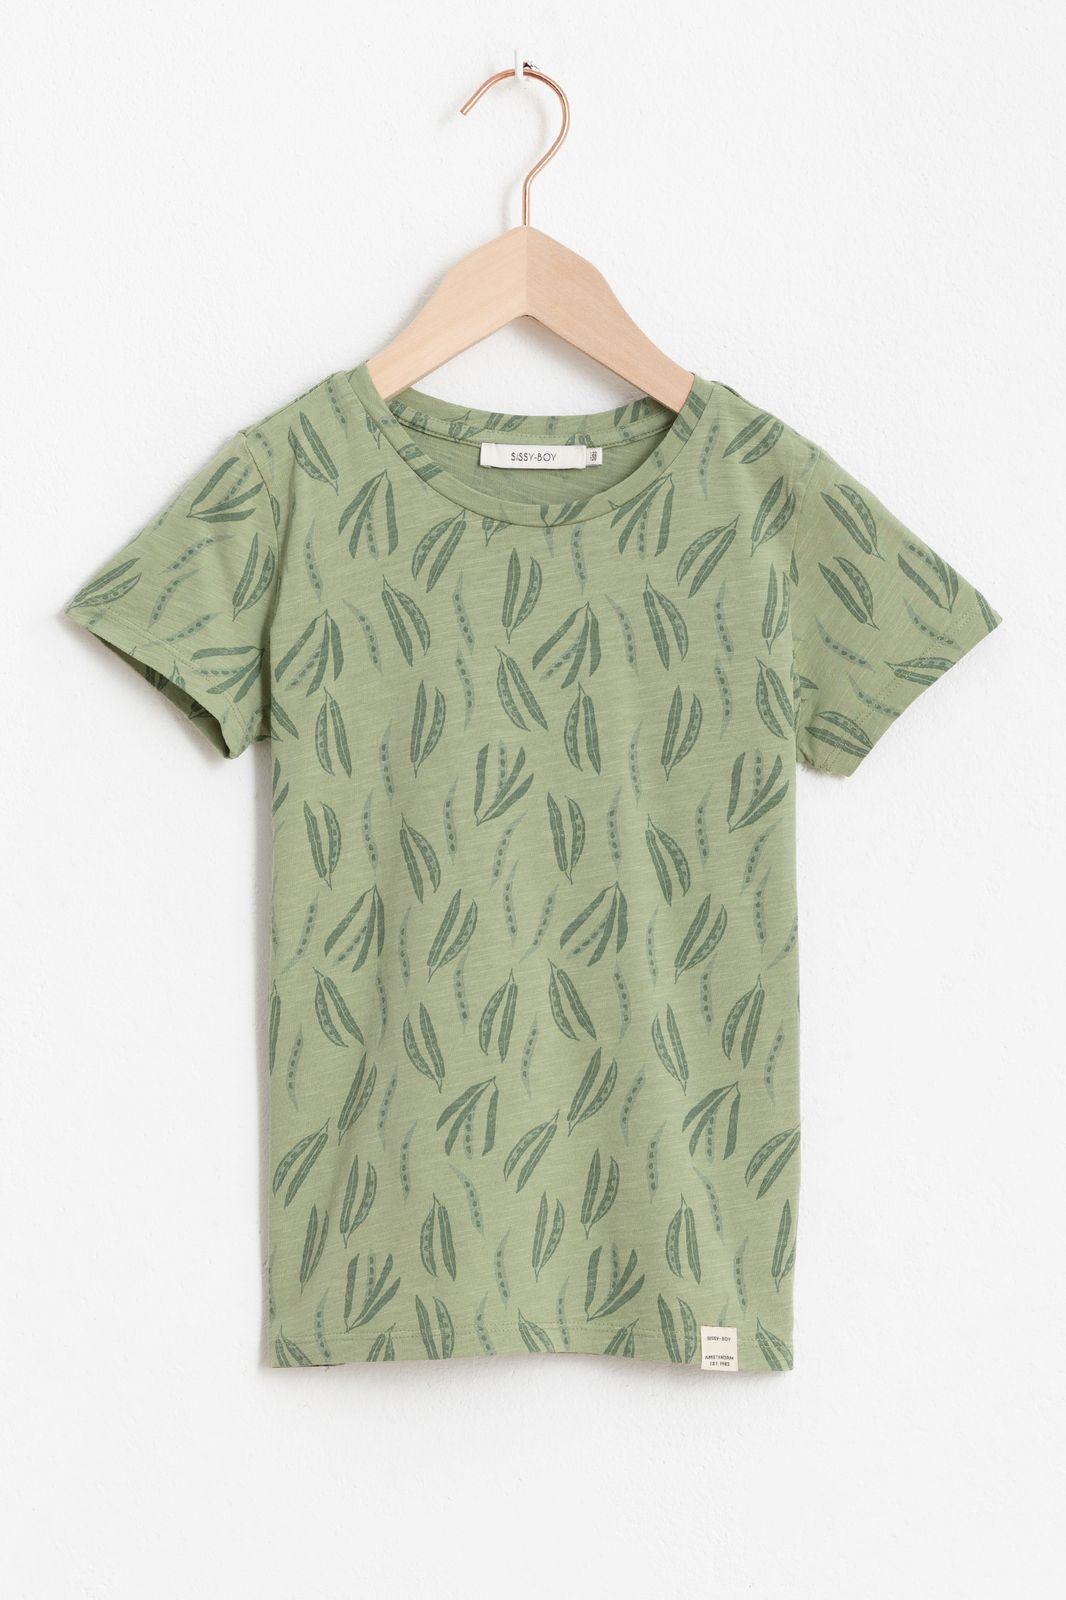 Groen T-shirtje met all over leavesprint en korte mouw